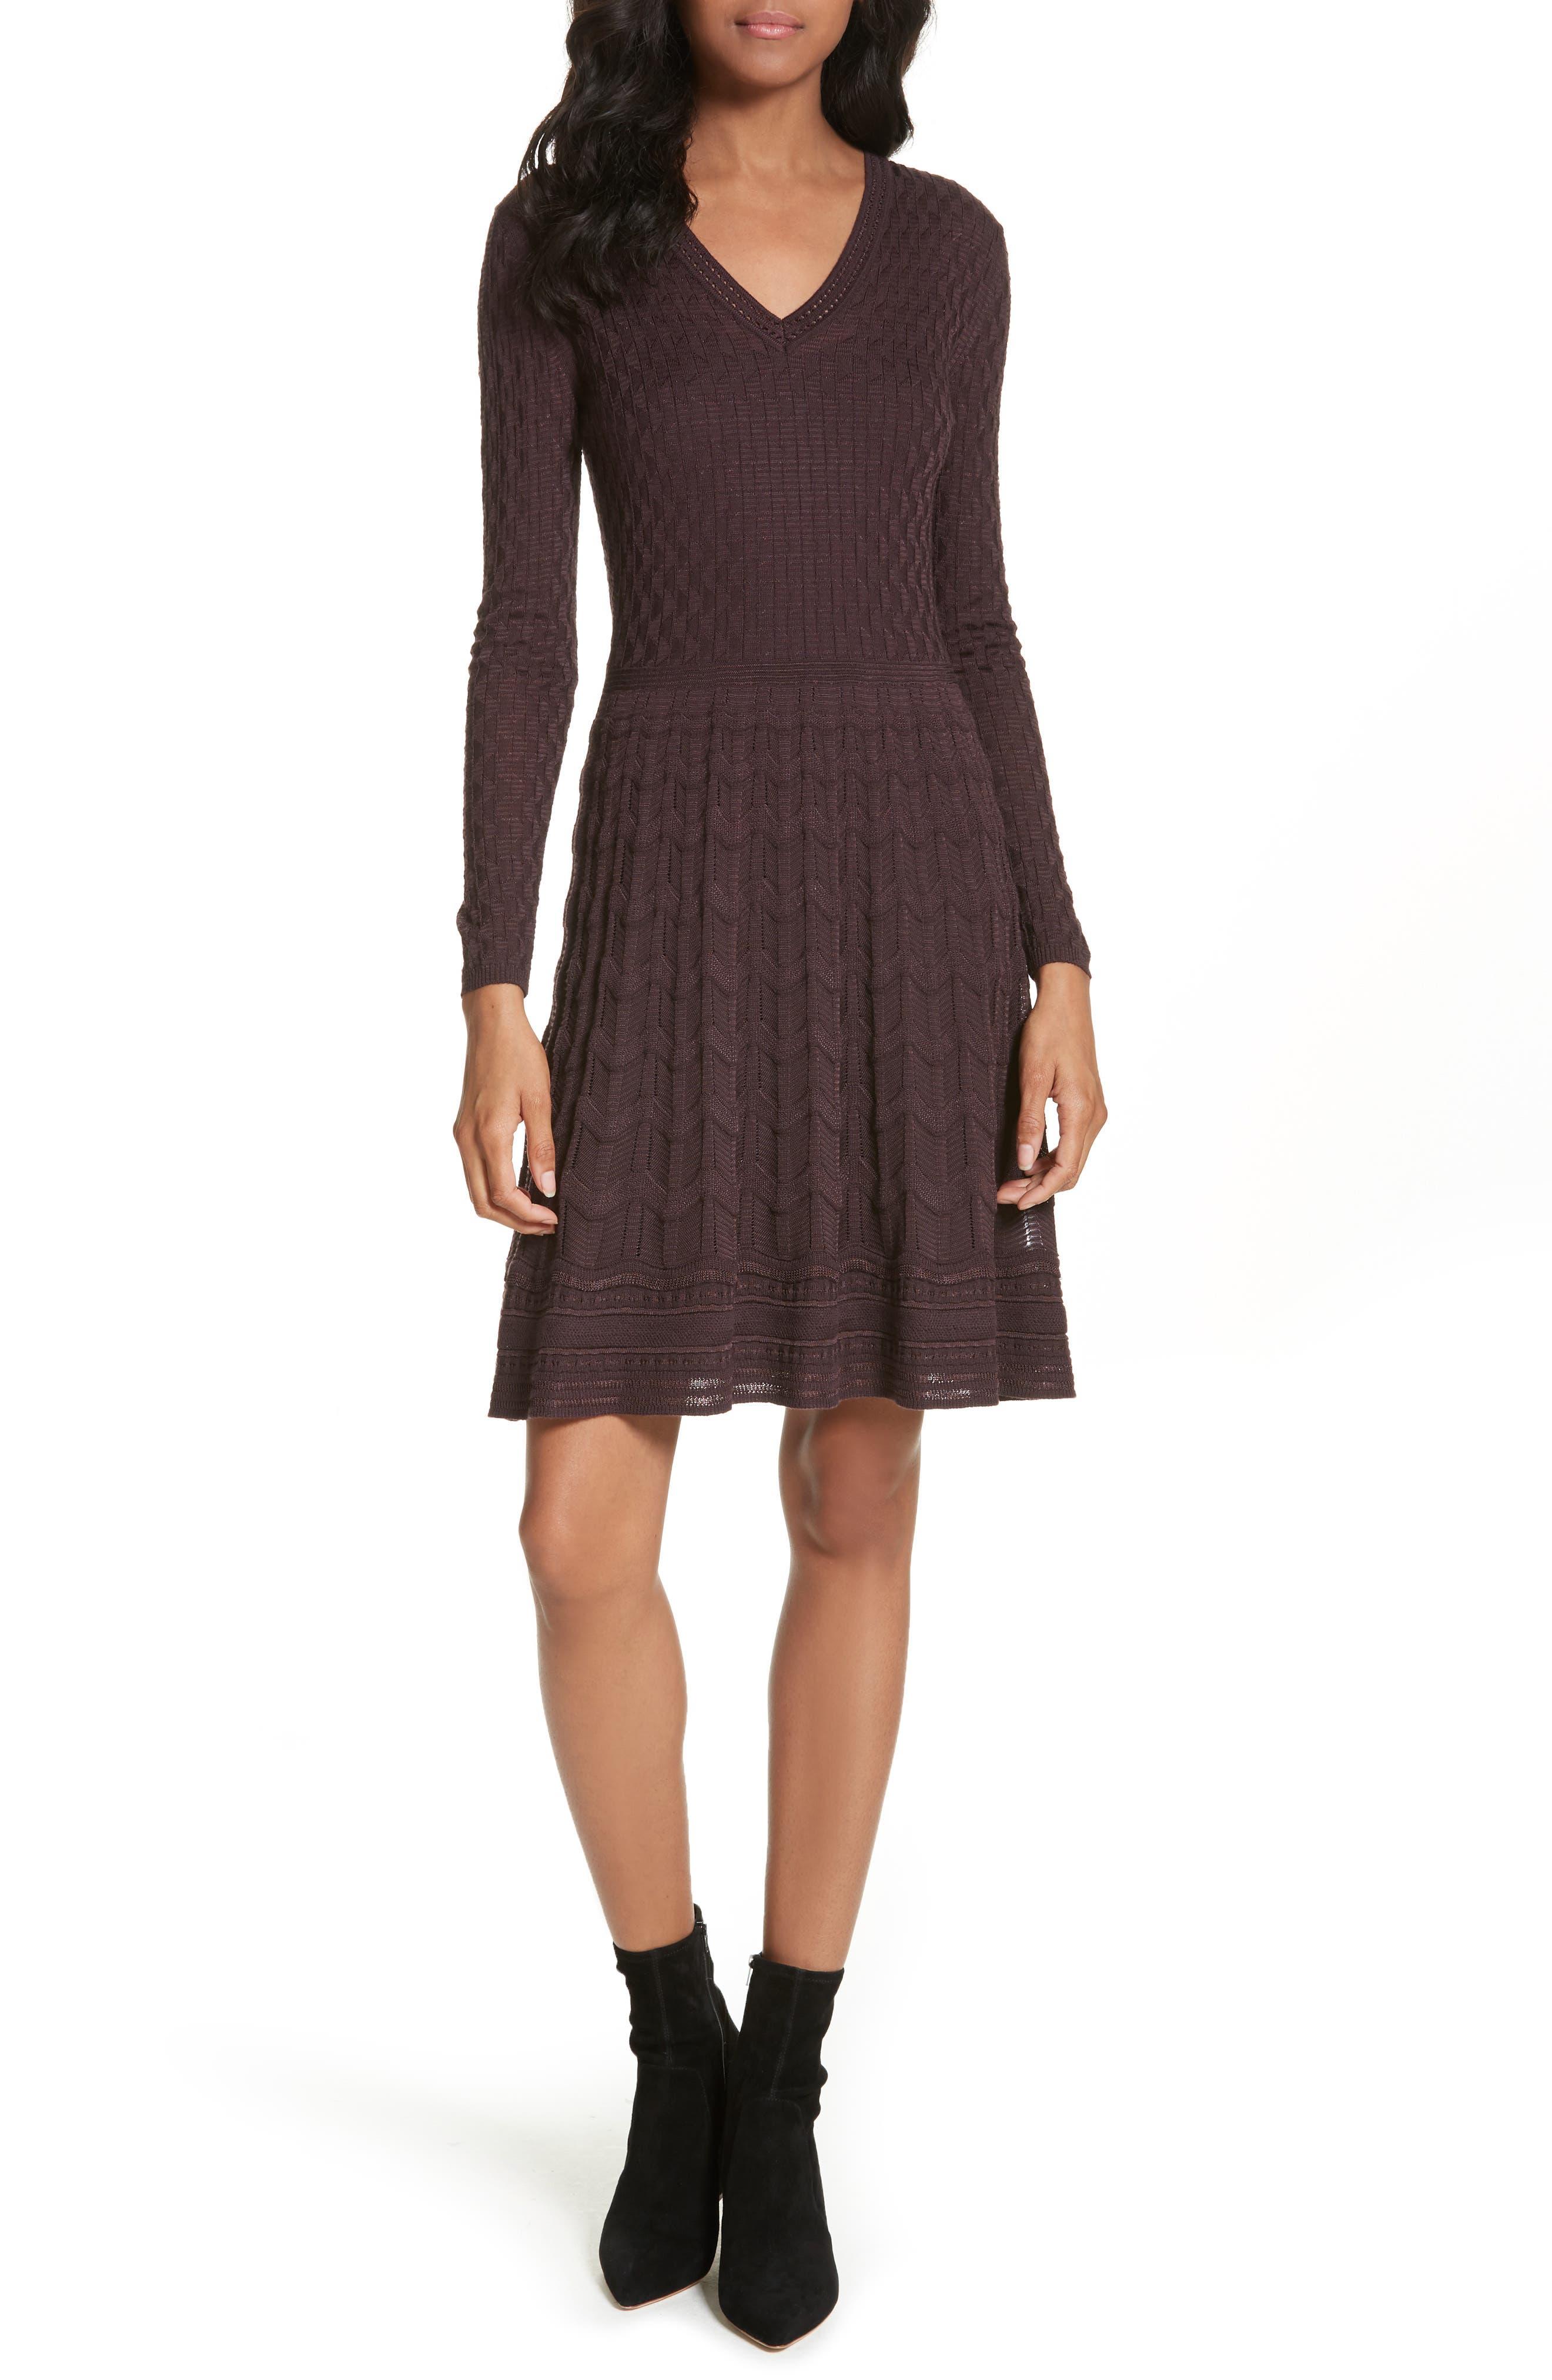 M Missoni Wool Blend Knit A-Line Dress